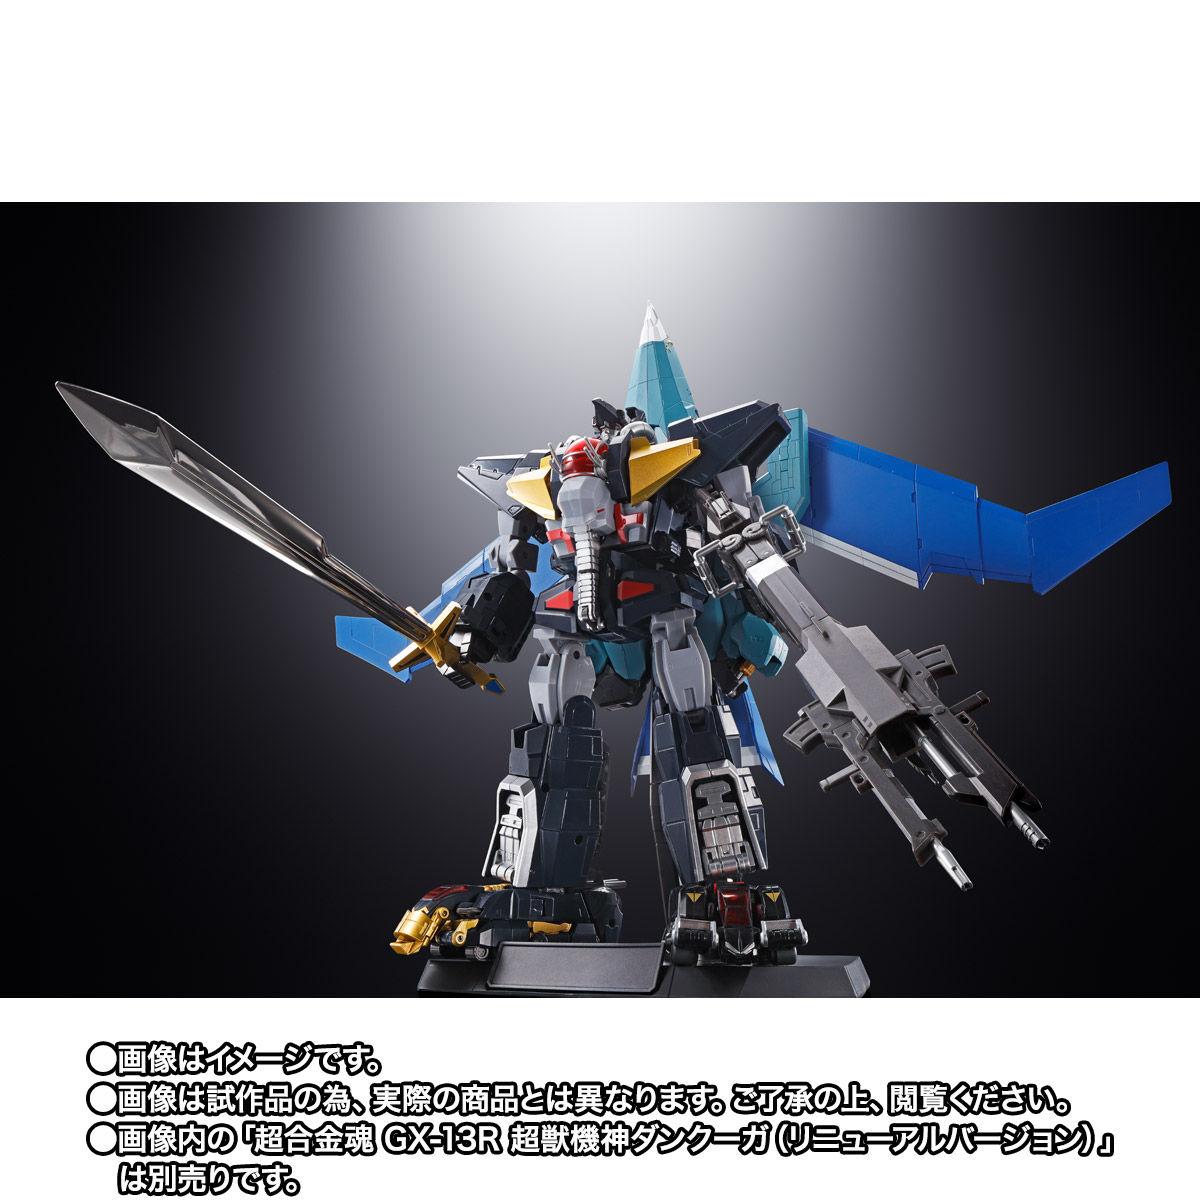 【限定販売】超合金魂 GX-94『ブラックウイング』超獣機神ダンクーガ 可変可動フィギュア-008